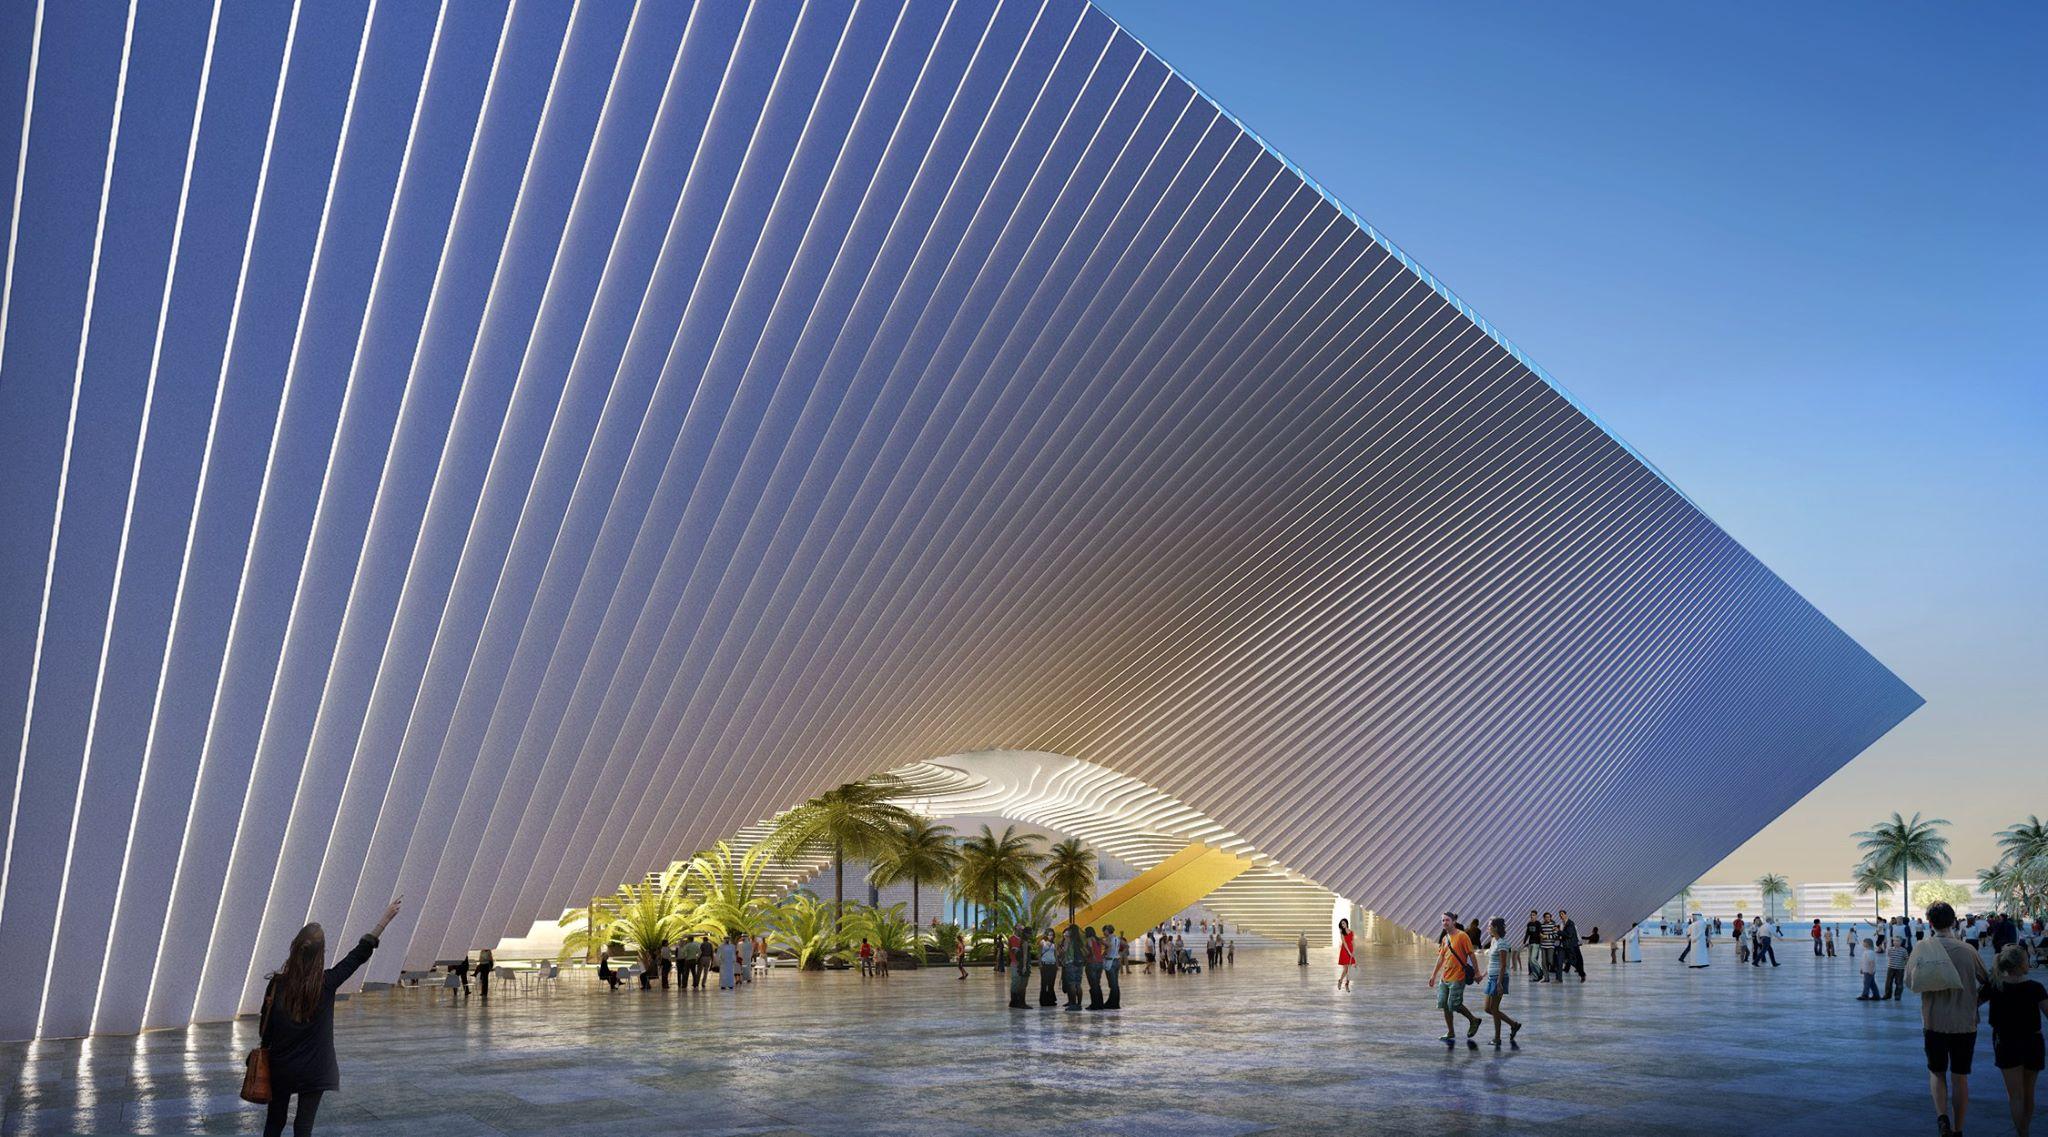 big - expo-dubai-2020-confira-como-o-projeto-dos-pavilhoes